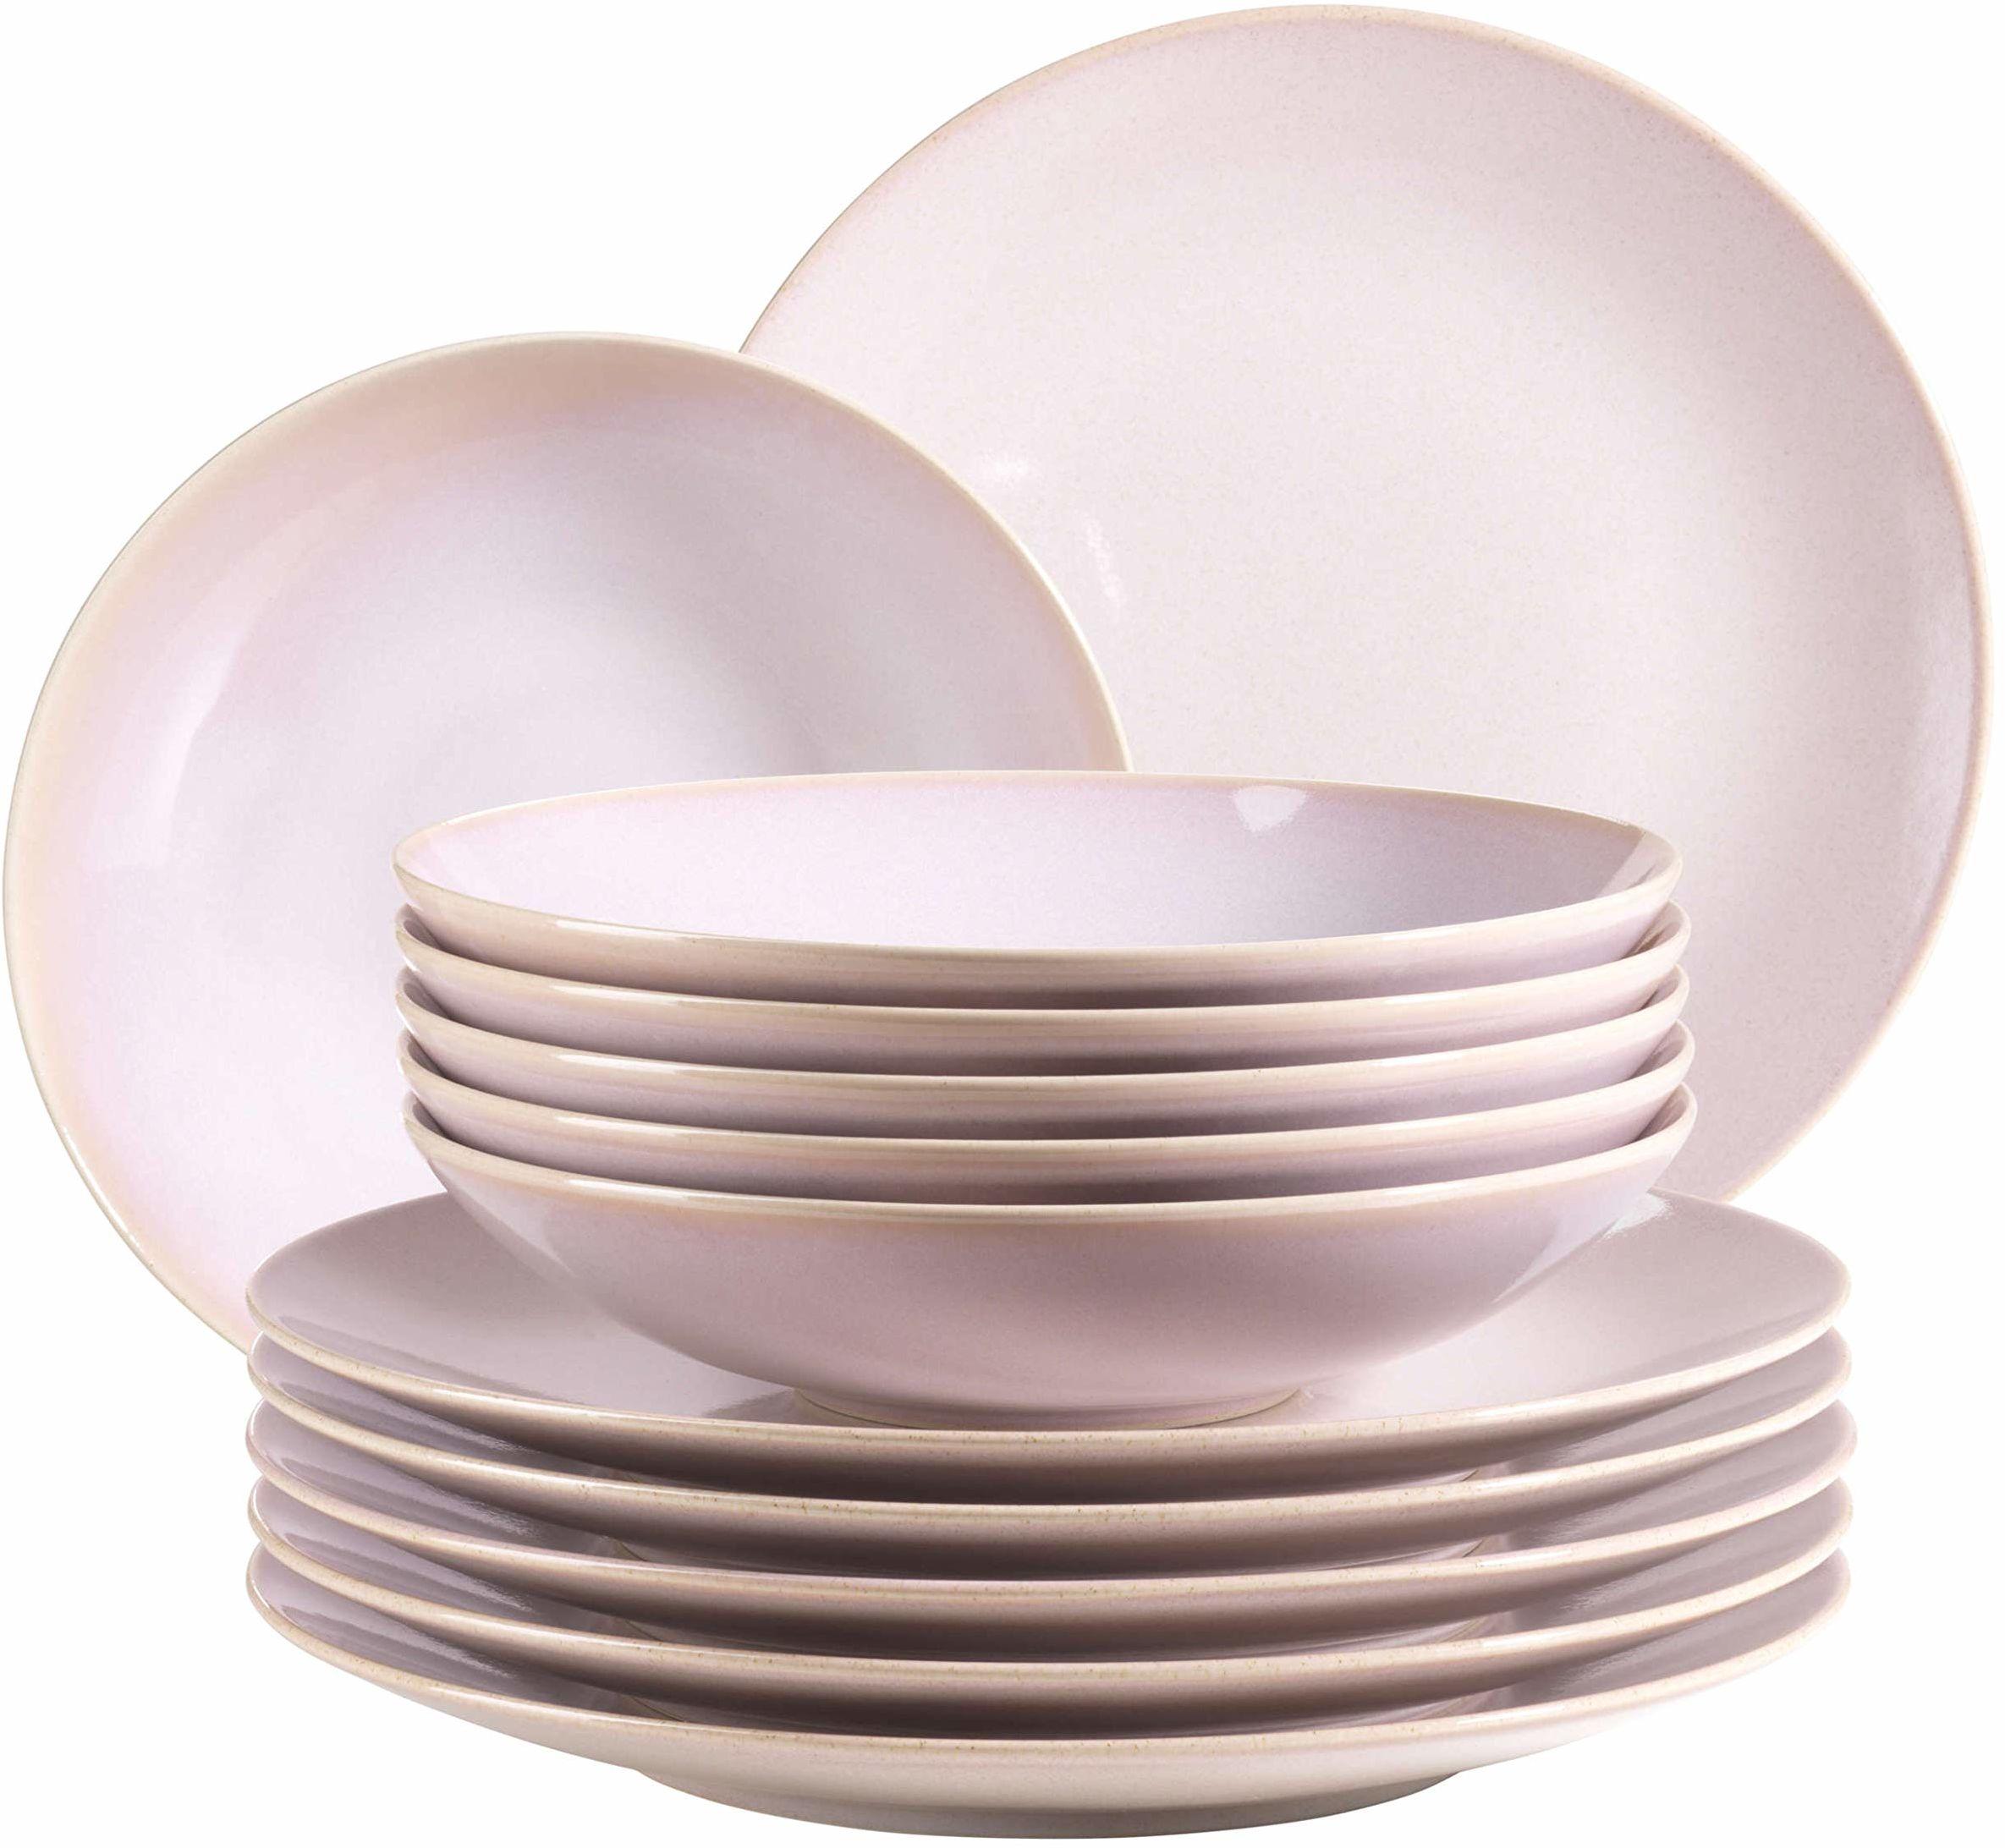 MÄSER 931553 Ossia, zestaw talerzy dla 6 osób w stylu śródziemnomorskim vintage, 12-częściowy, nowoczesny serwis stołowy z talerzami do zupy i talerzami obiadowymi w kolorze różowym, ceramicznym